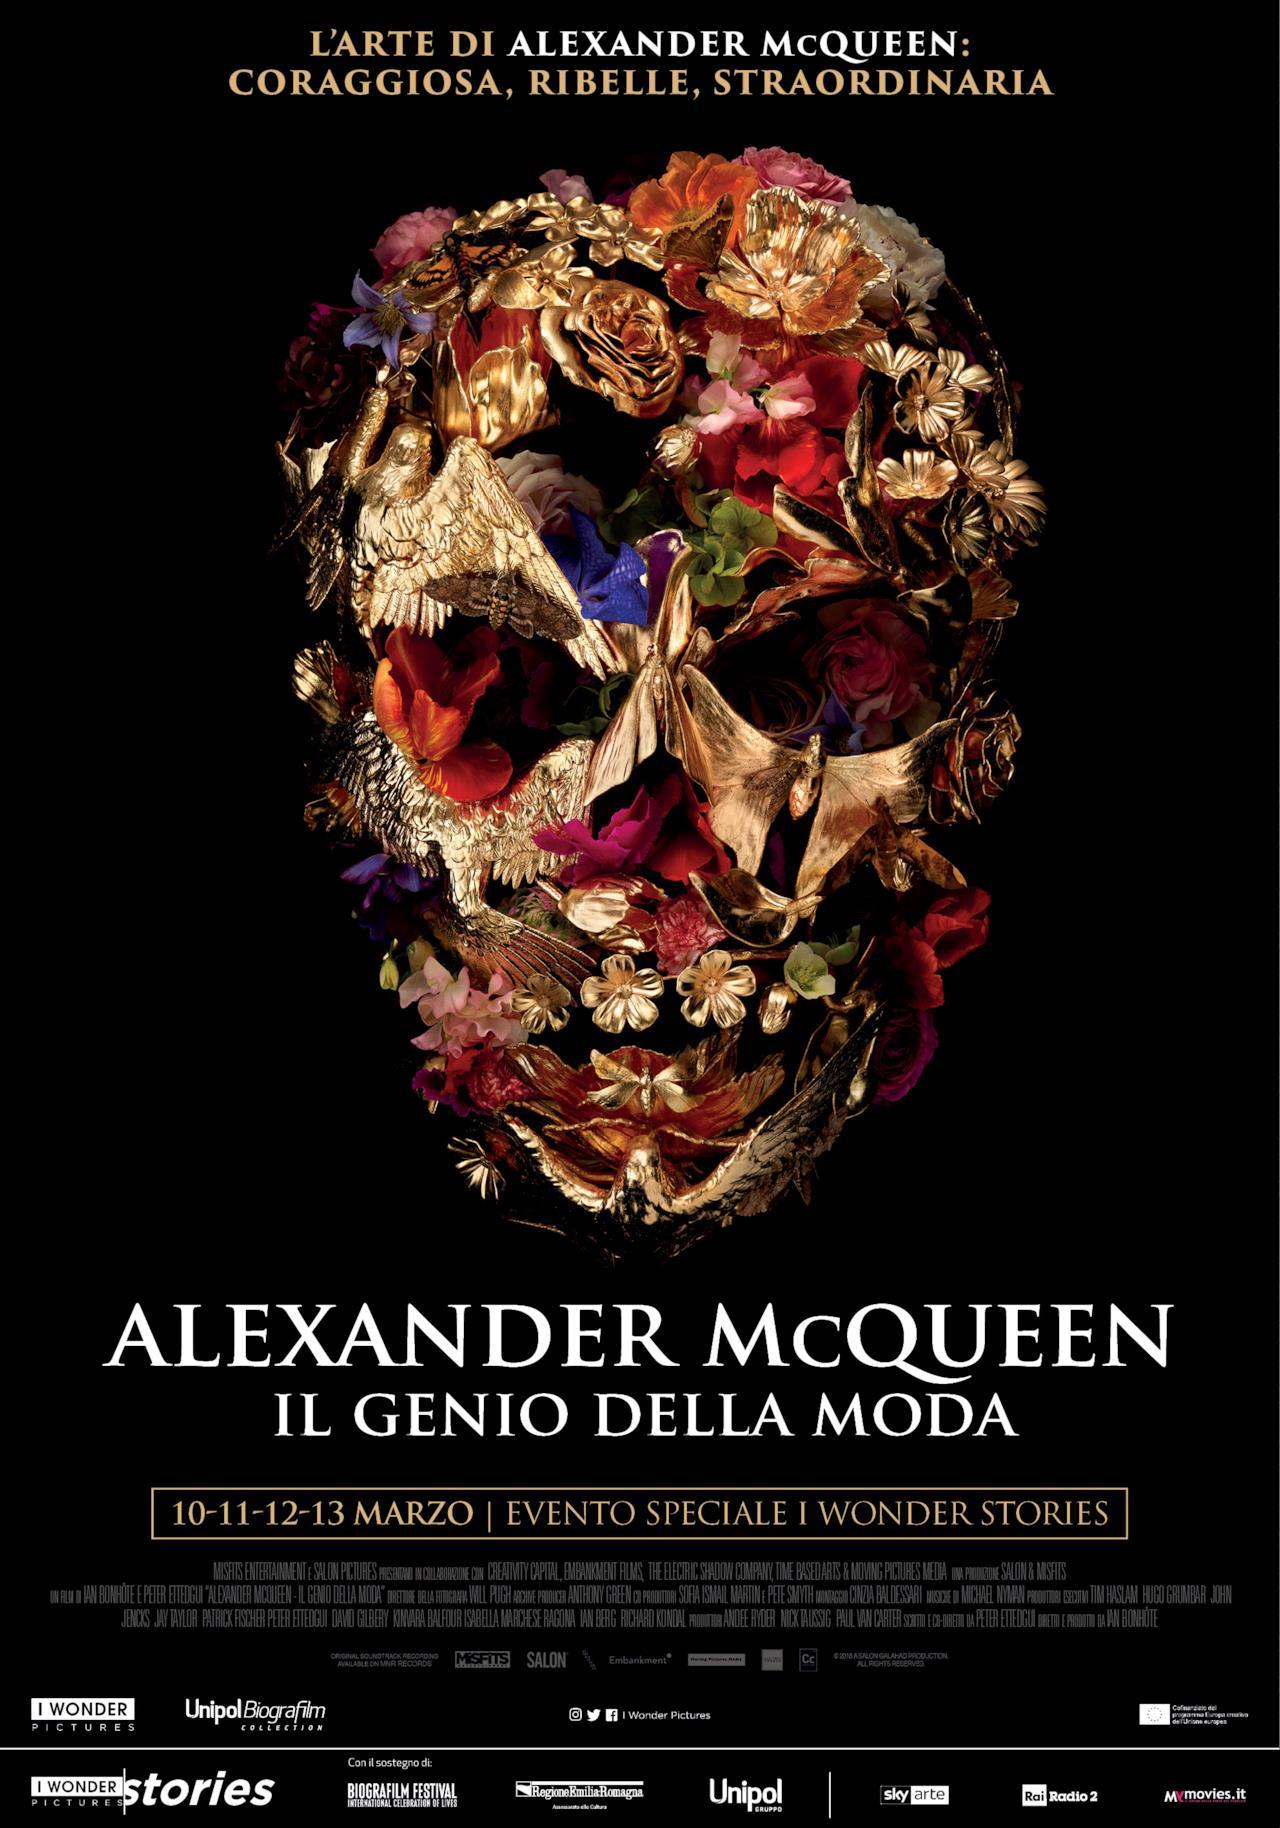 af6346f19 Alexander McQueen - Il genio della moda, il film evento dedicato ...